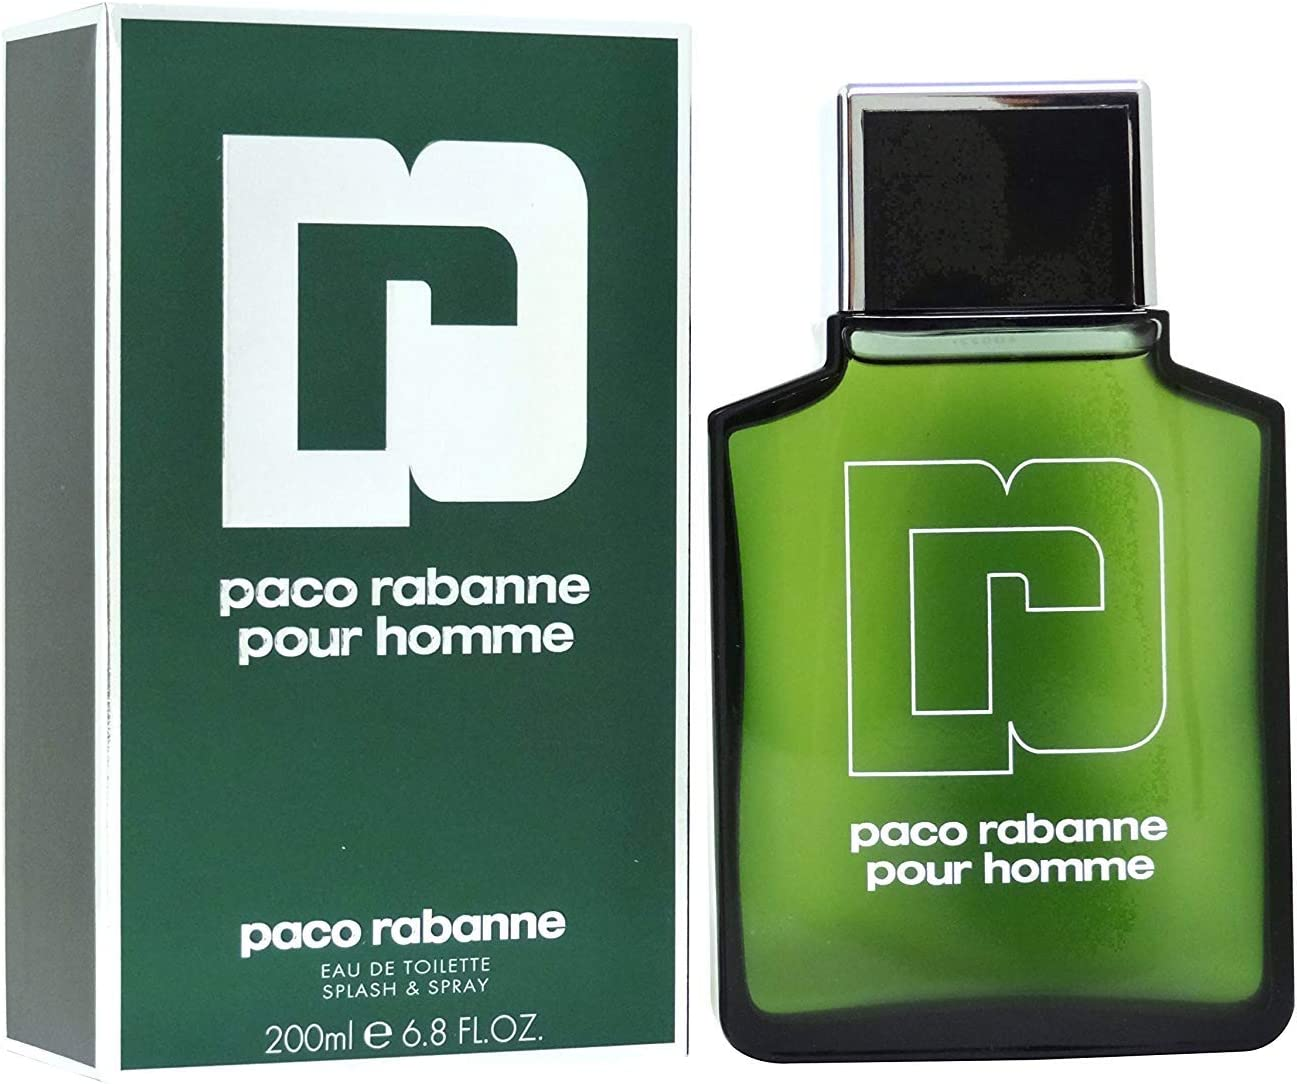 Paco Rabanne. Paco Rabanne Homme Eau De Toilette Vapo. 200 Ml.